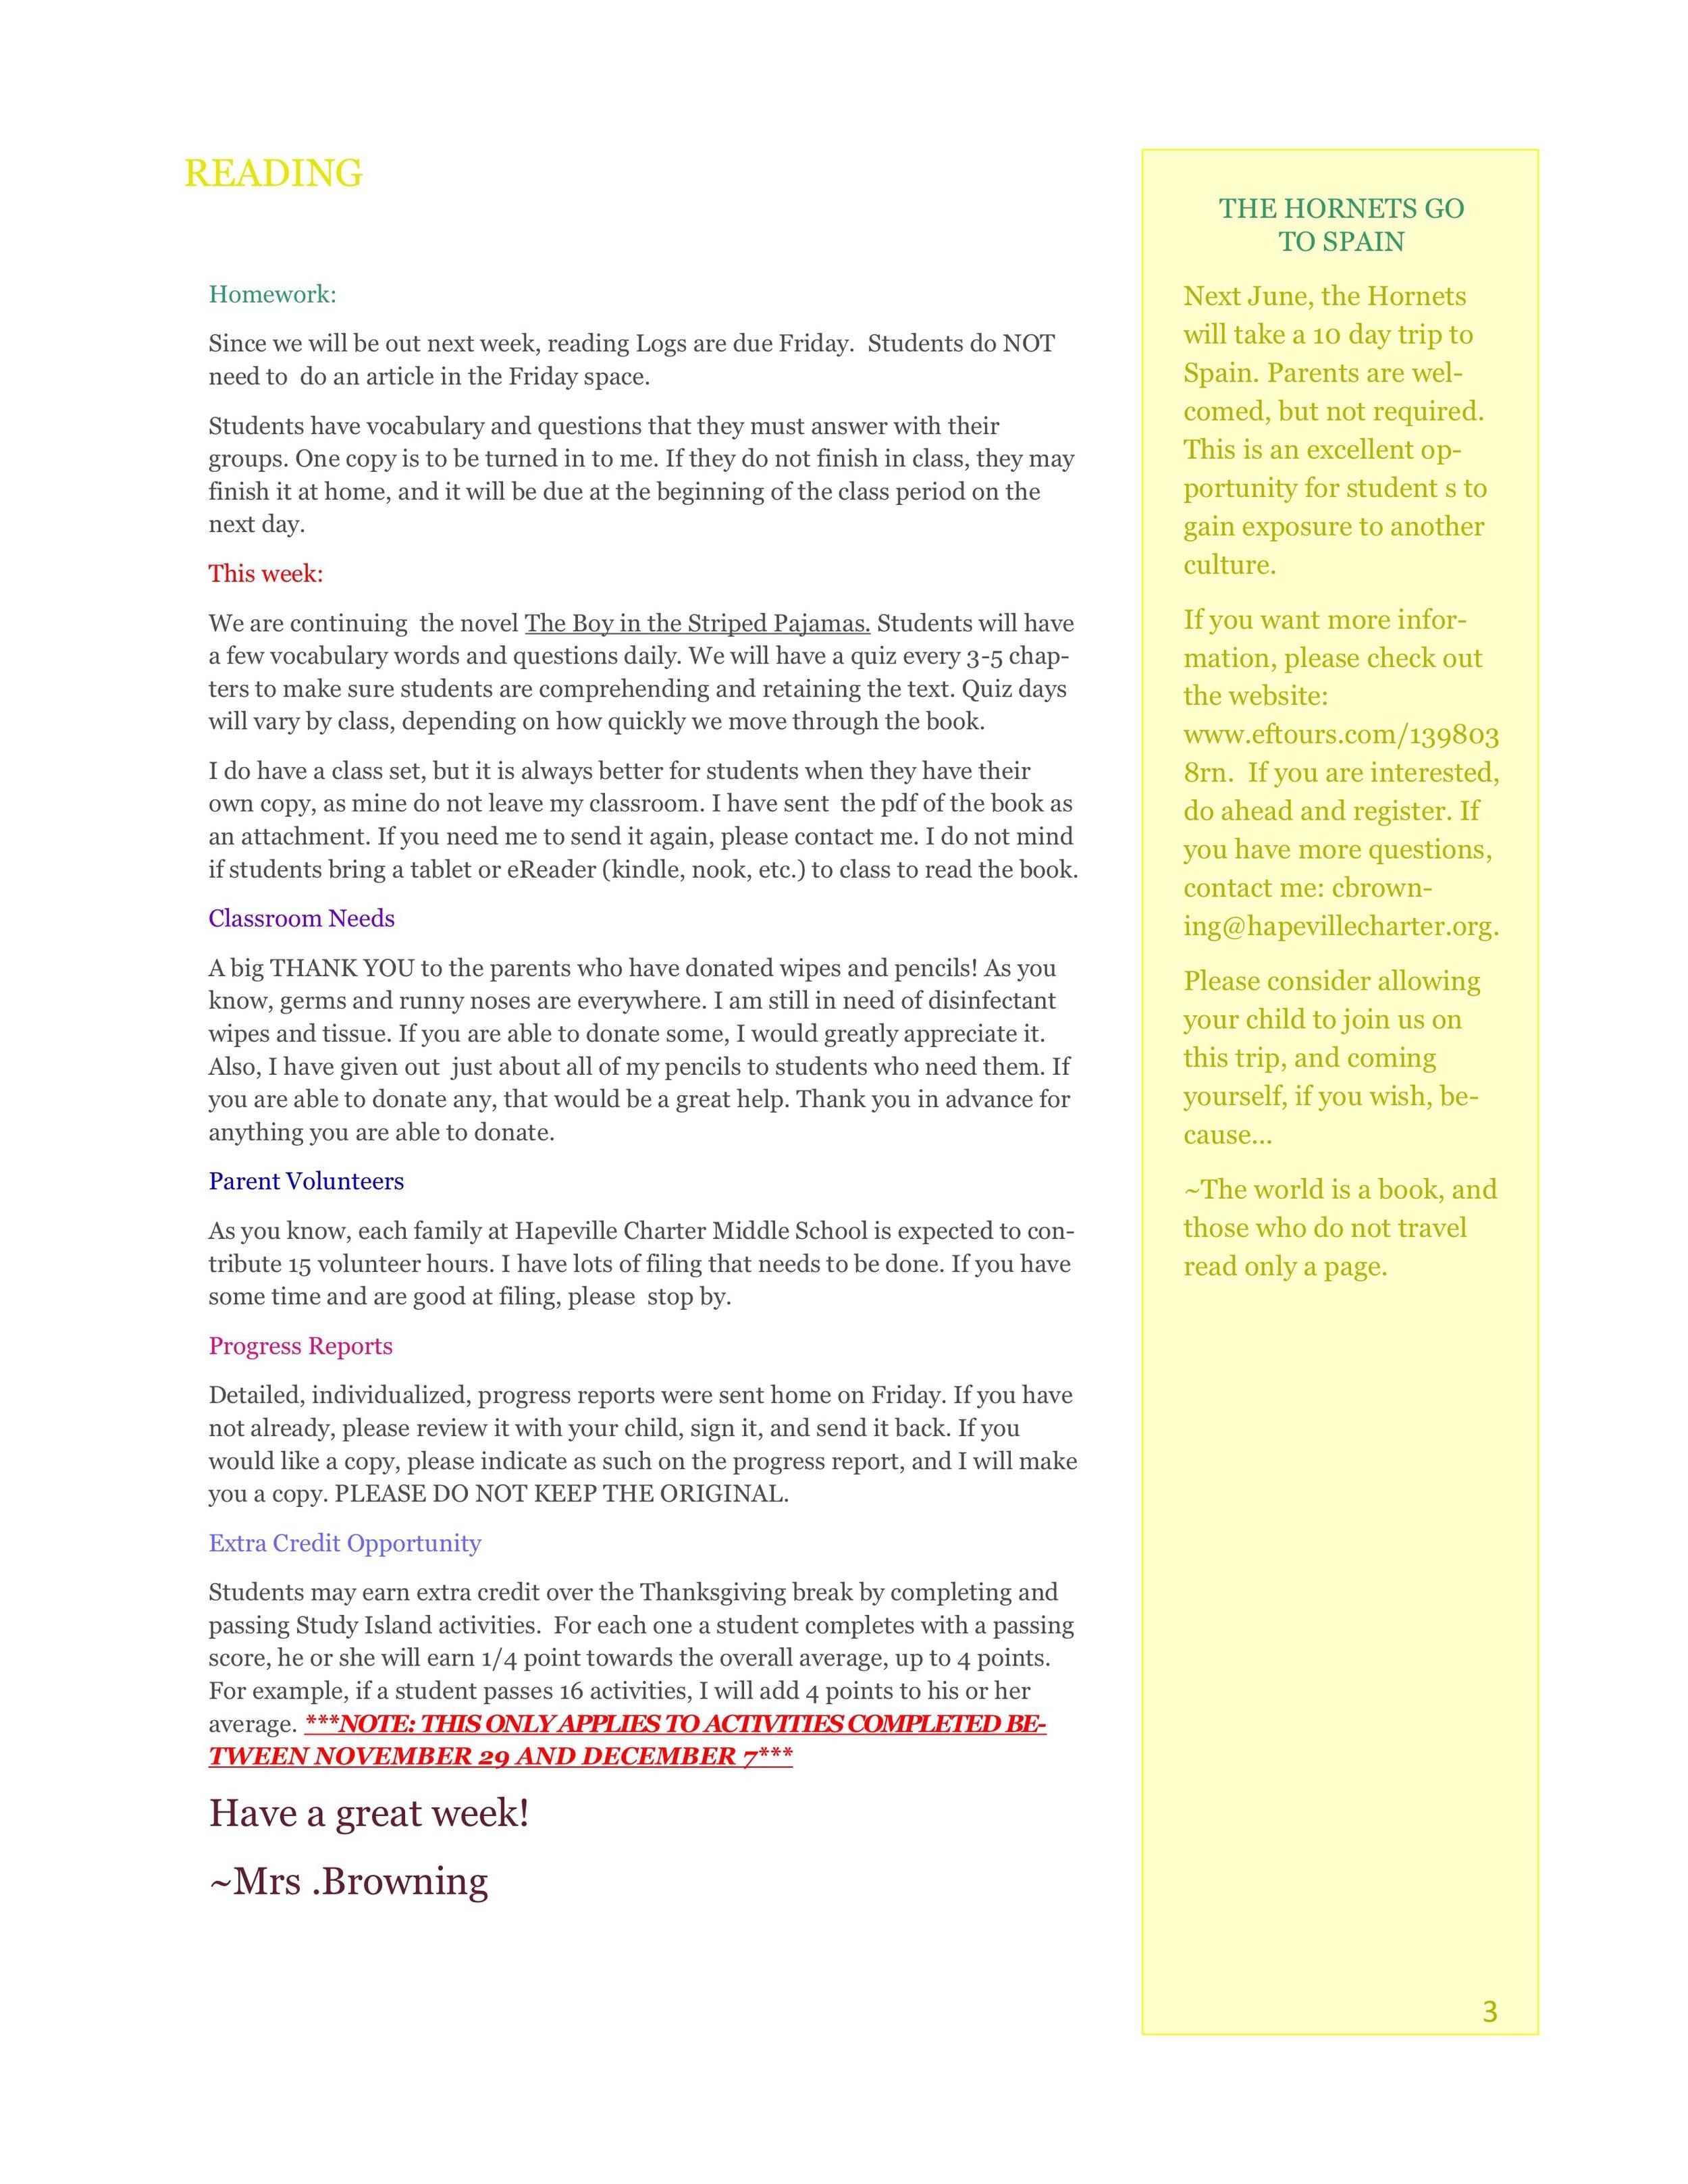 Newsletter ImageNovember 17-22 3.jpeg